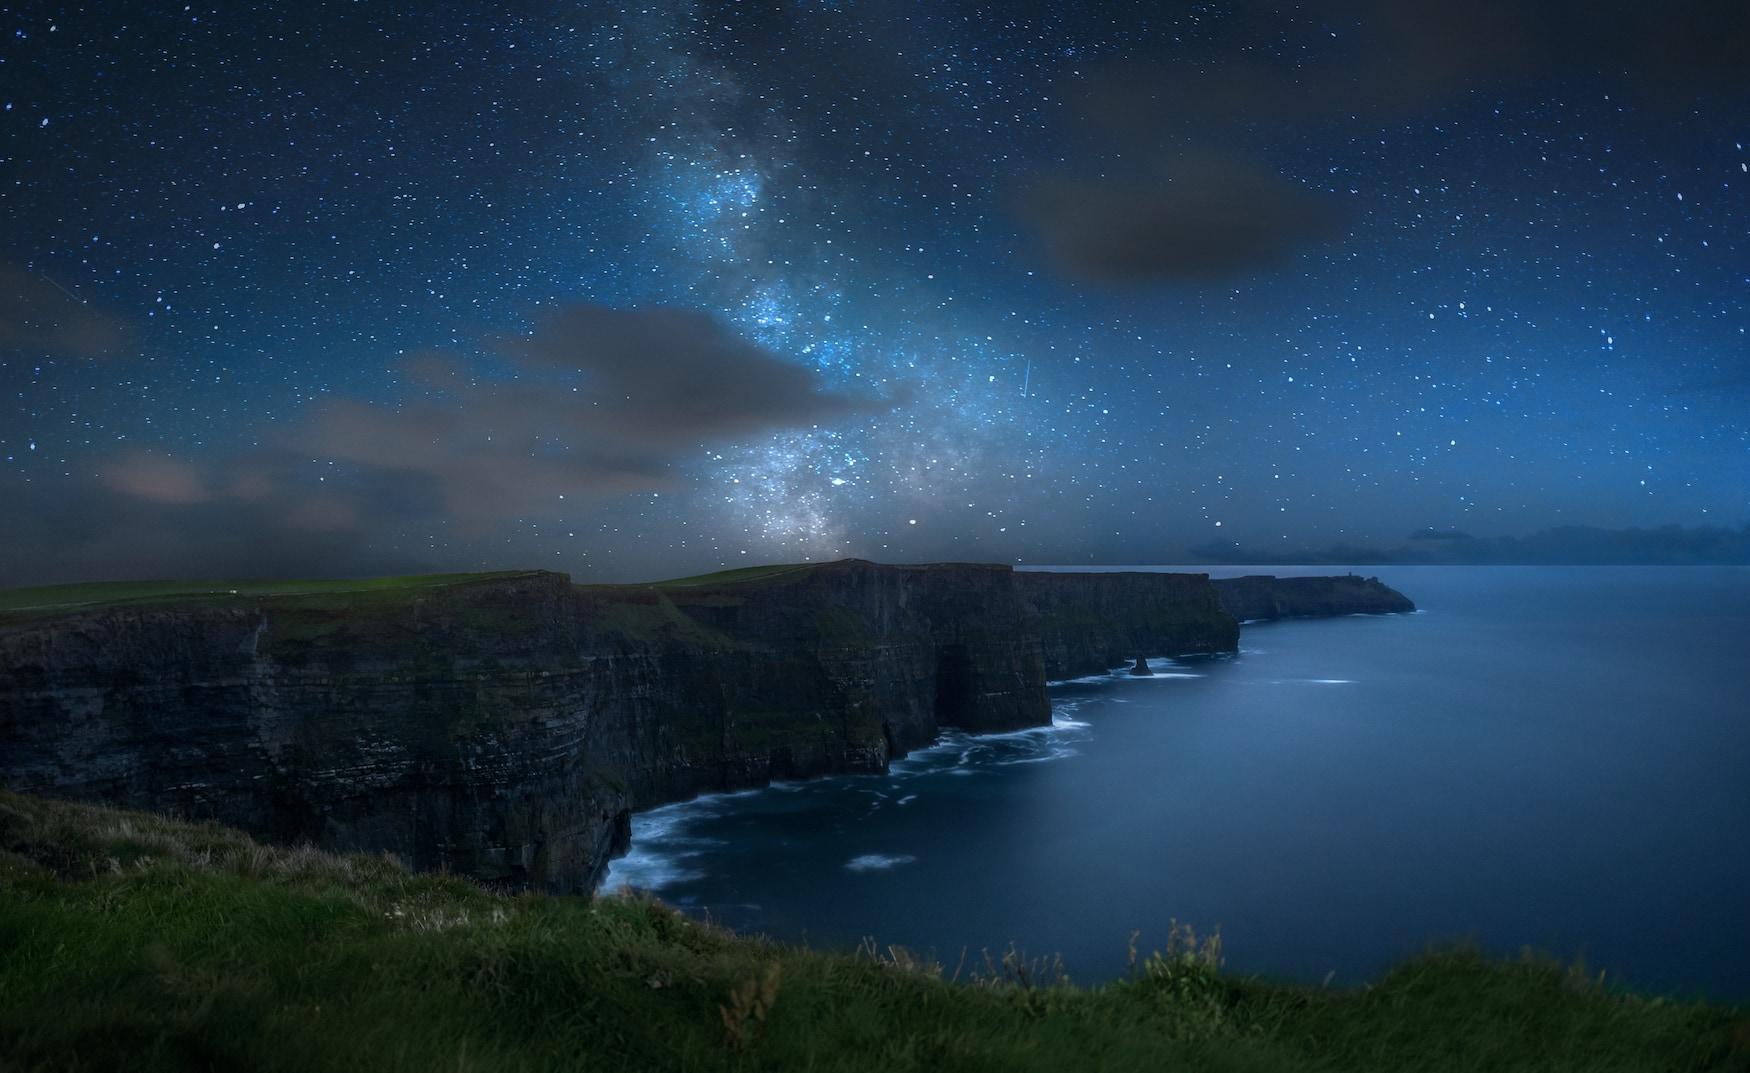 Milchstraße und Sternenhimmel in Irland